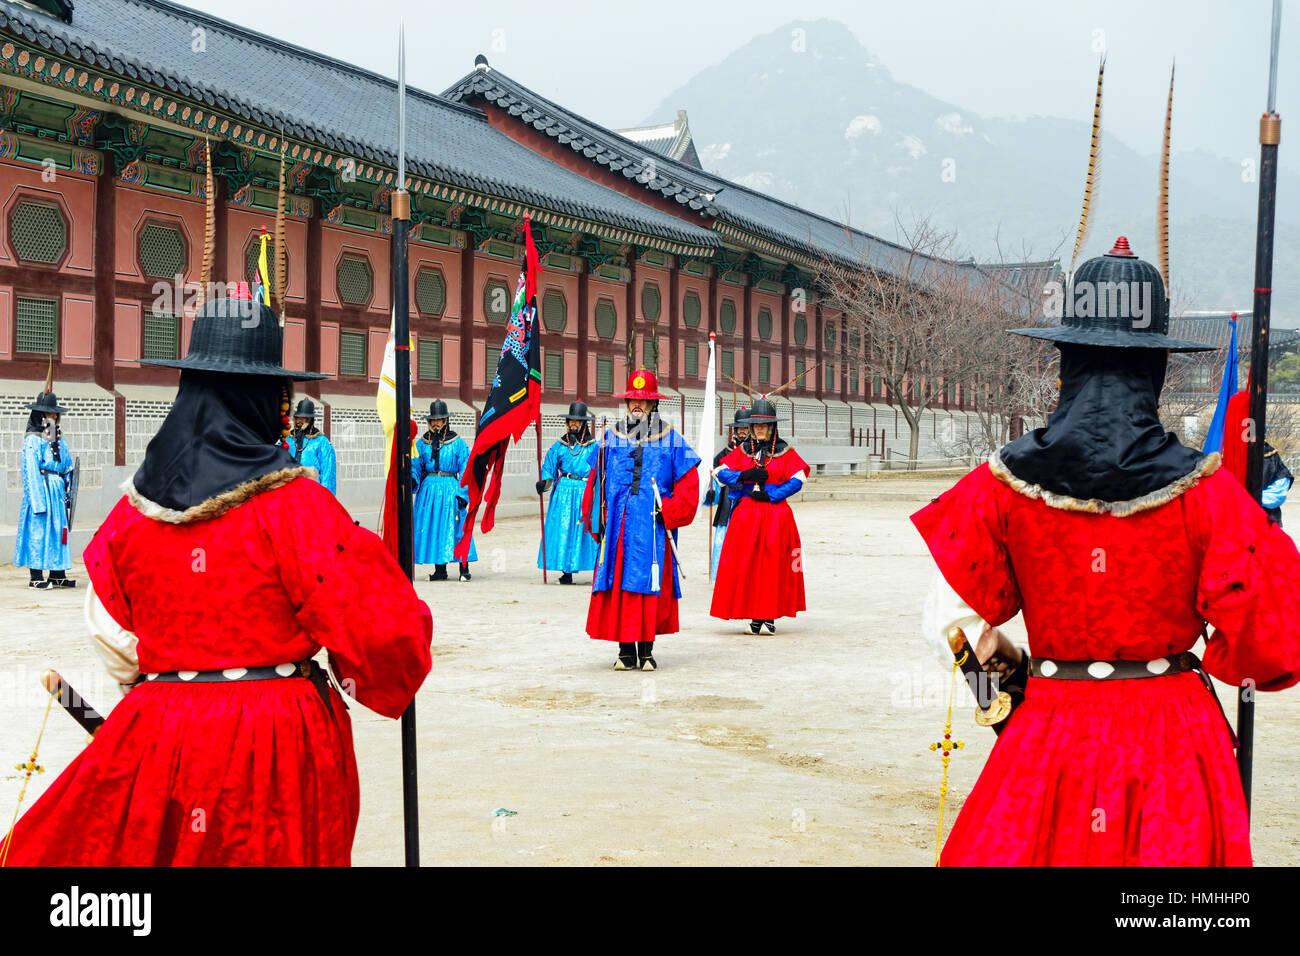 Cambio de la Guardia Real ceremonia, el Palacio Gyeongbokgung, Seúl, Corea del Sur Foto de stock